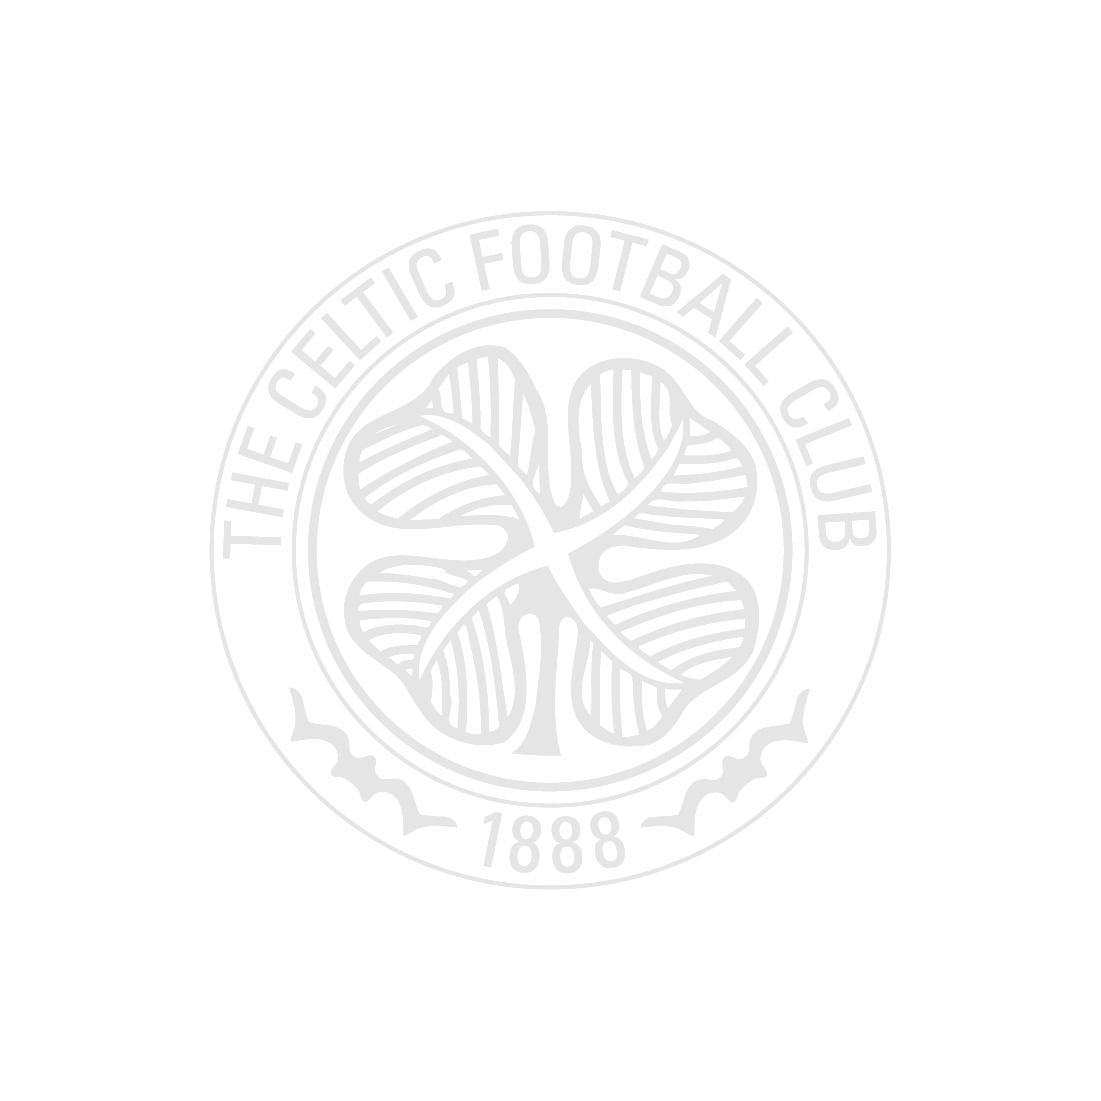 Celtic Crest Stainless Steel Bracelet